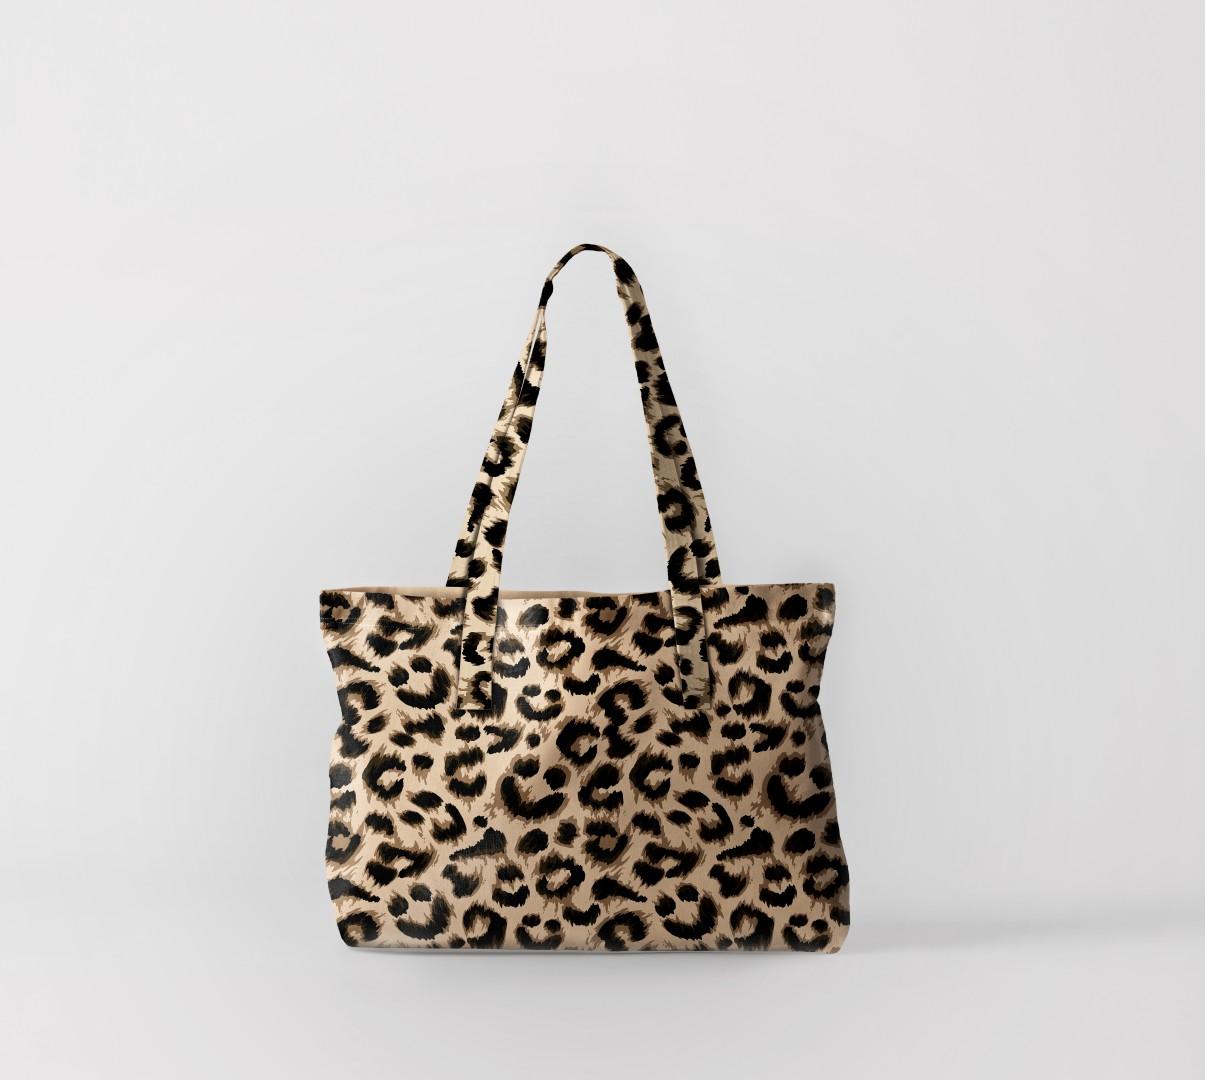 Пляжная сумка Леопард 2 (50х40 см) Олимп Текстиль oli732573